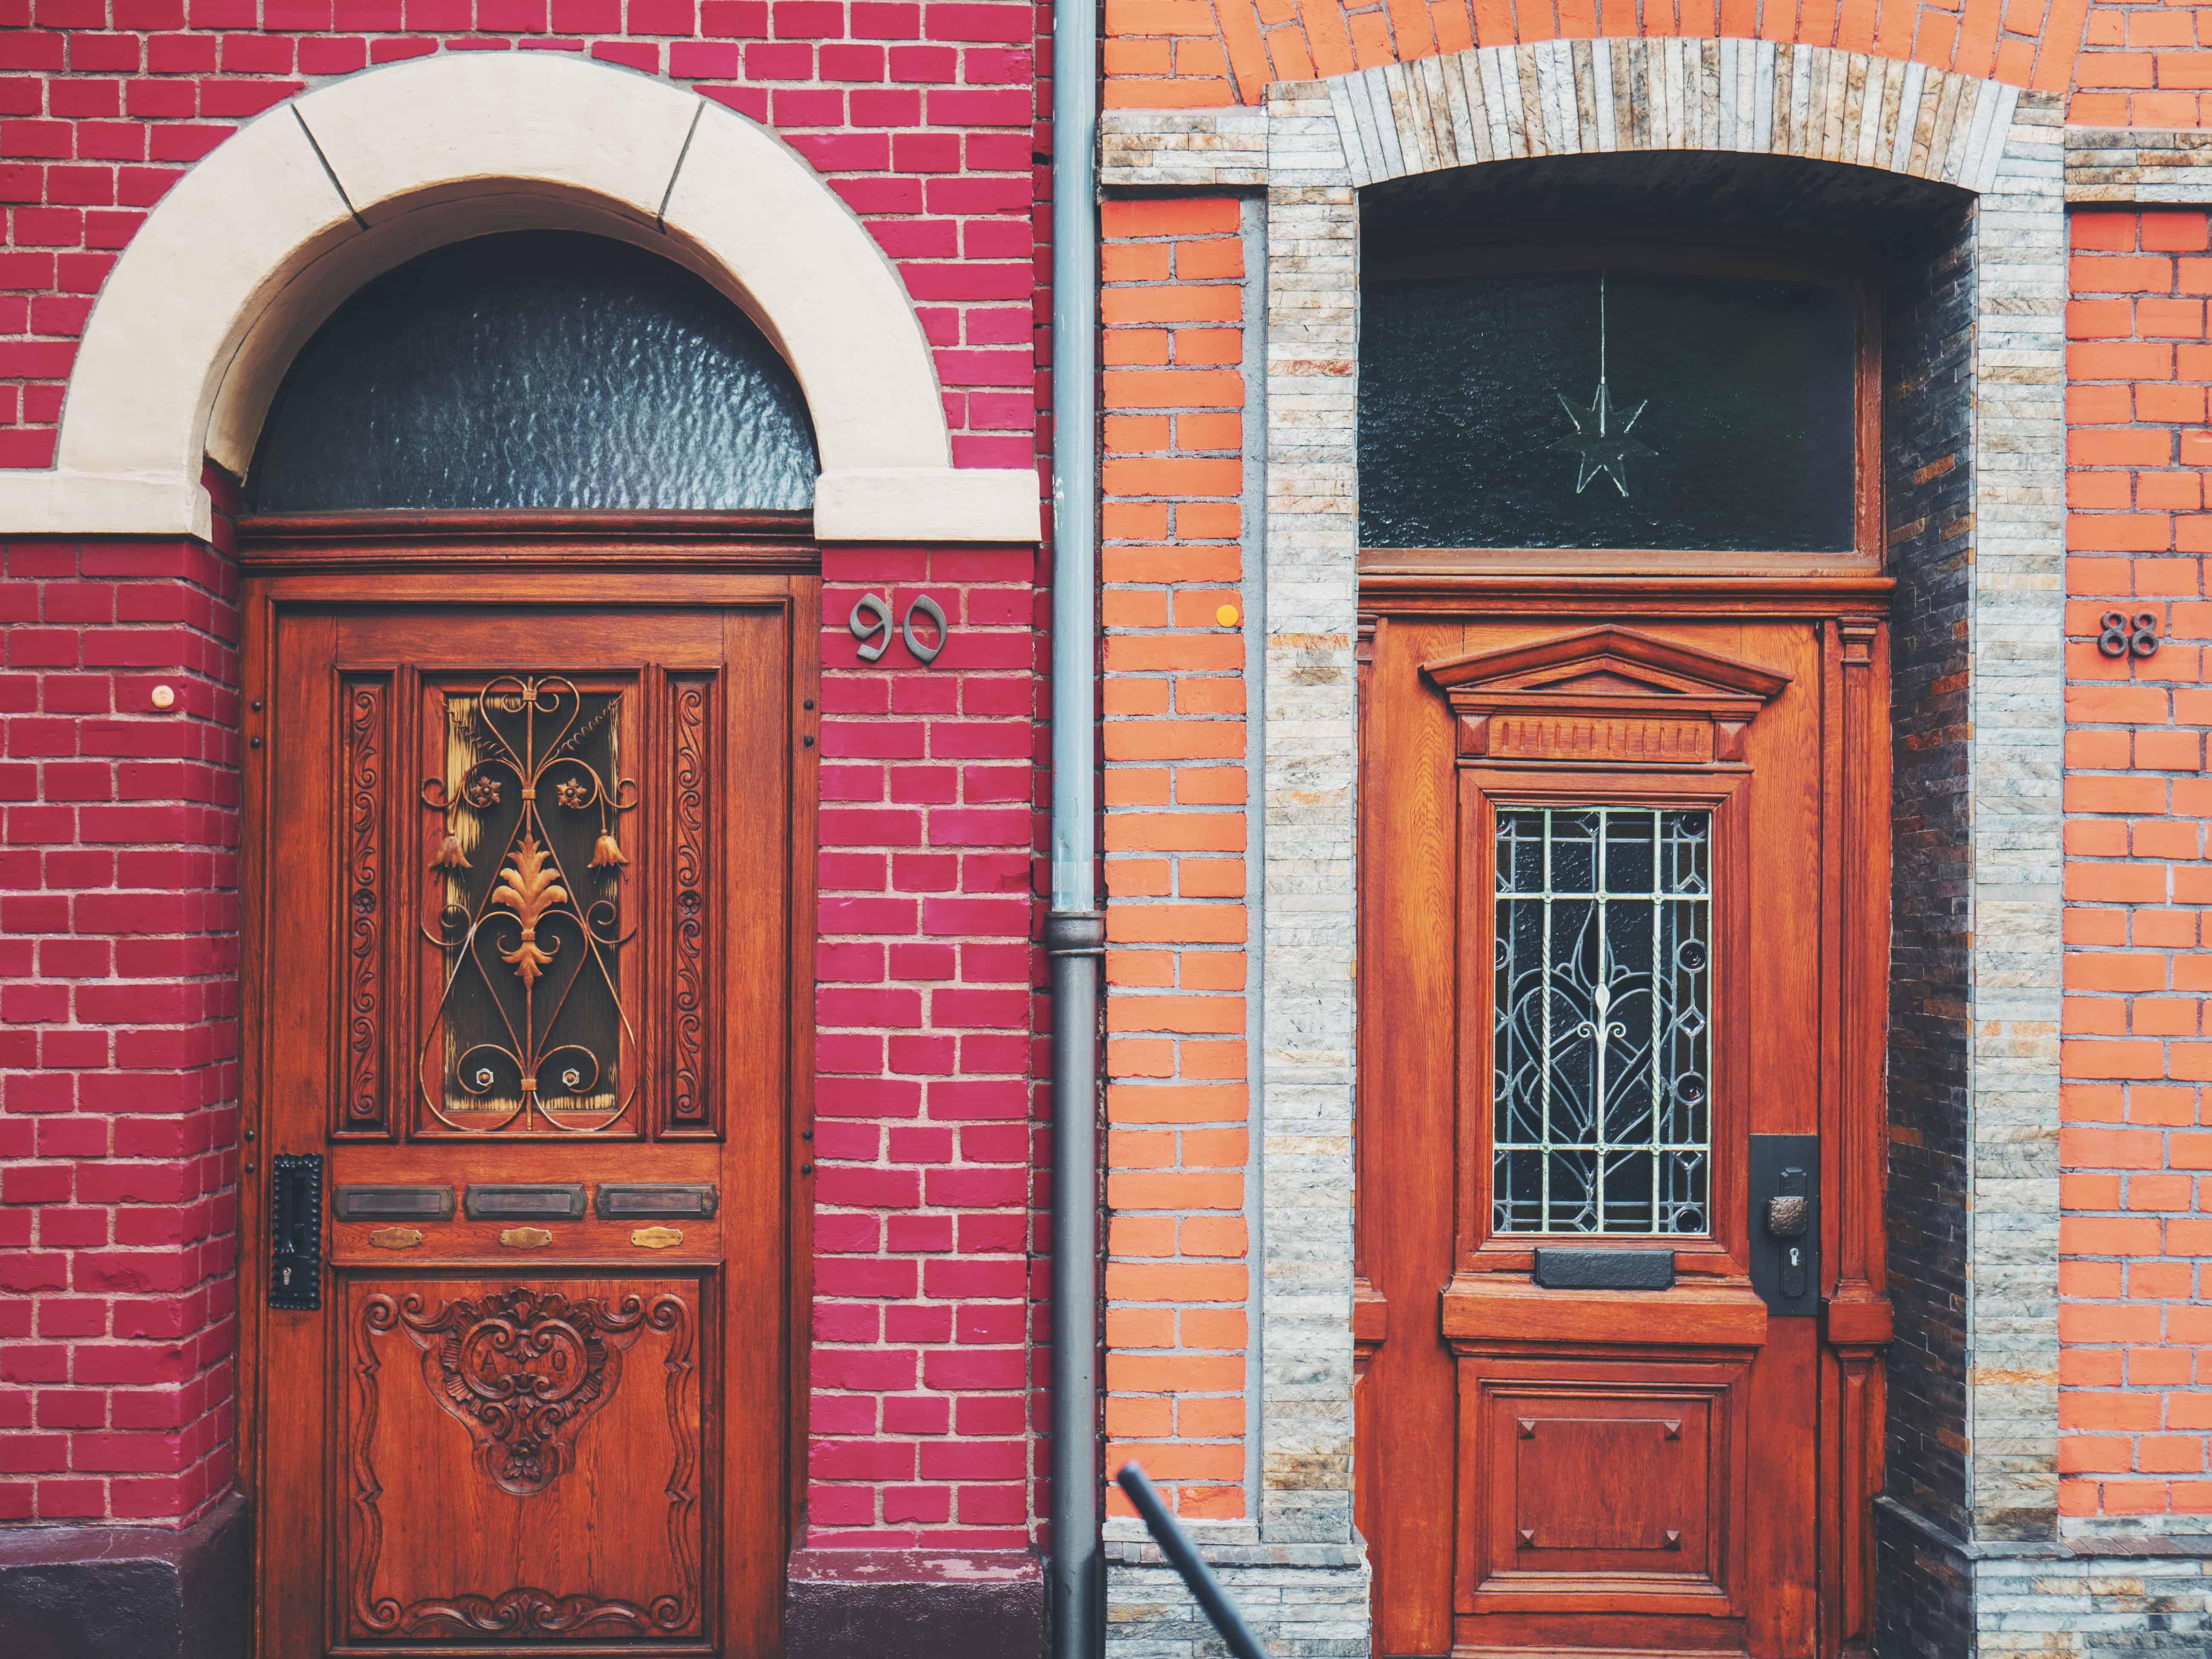 Two front-doors